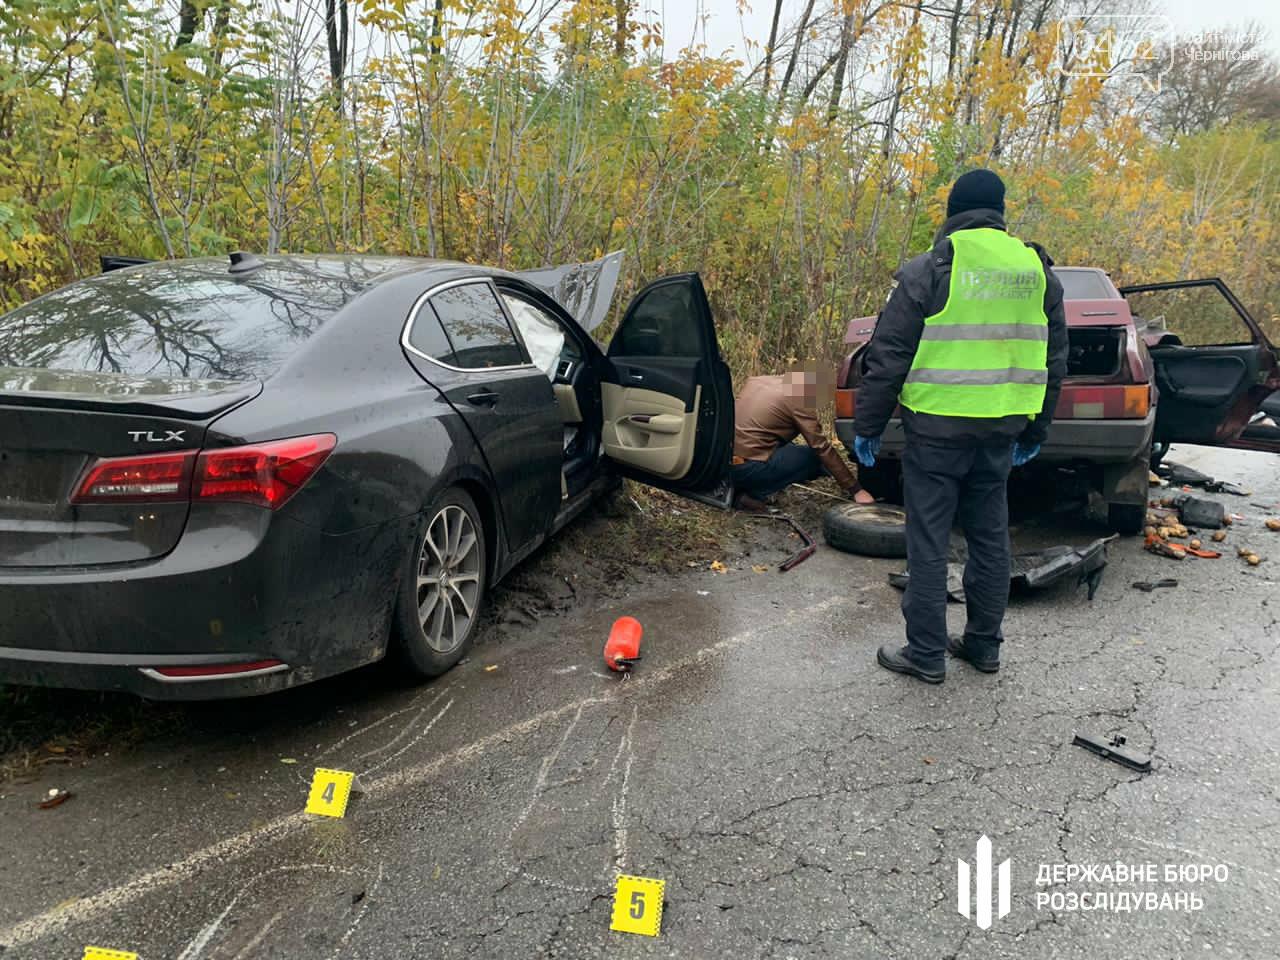 За кермом автівки, яка забрала життя двох людей, був прокурор з Чернігівської області, фото-1